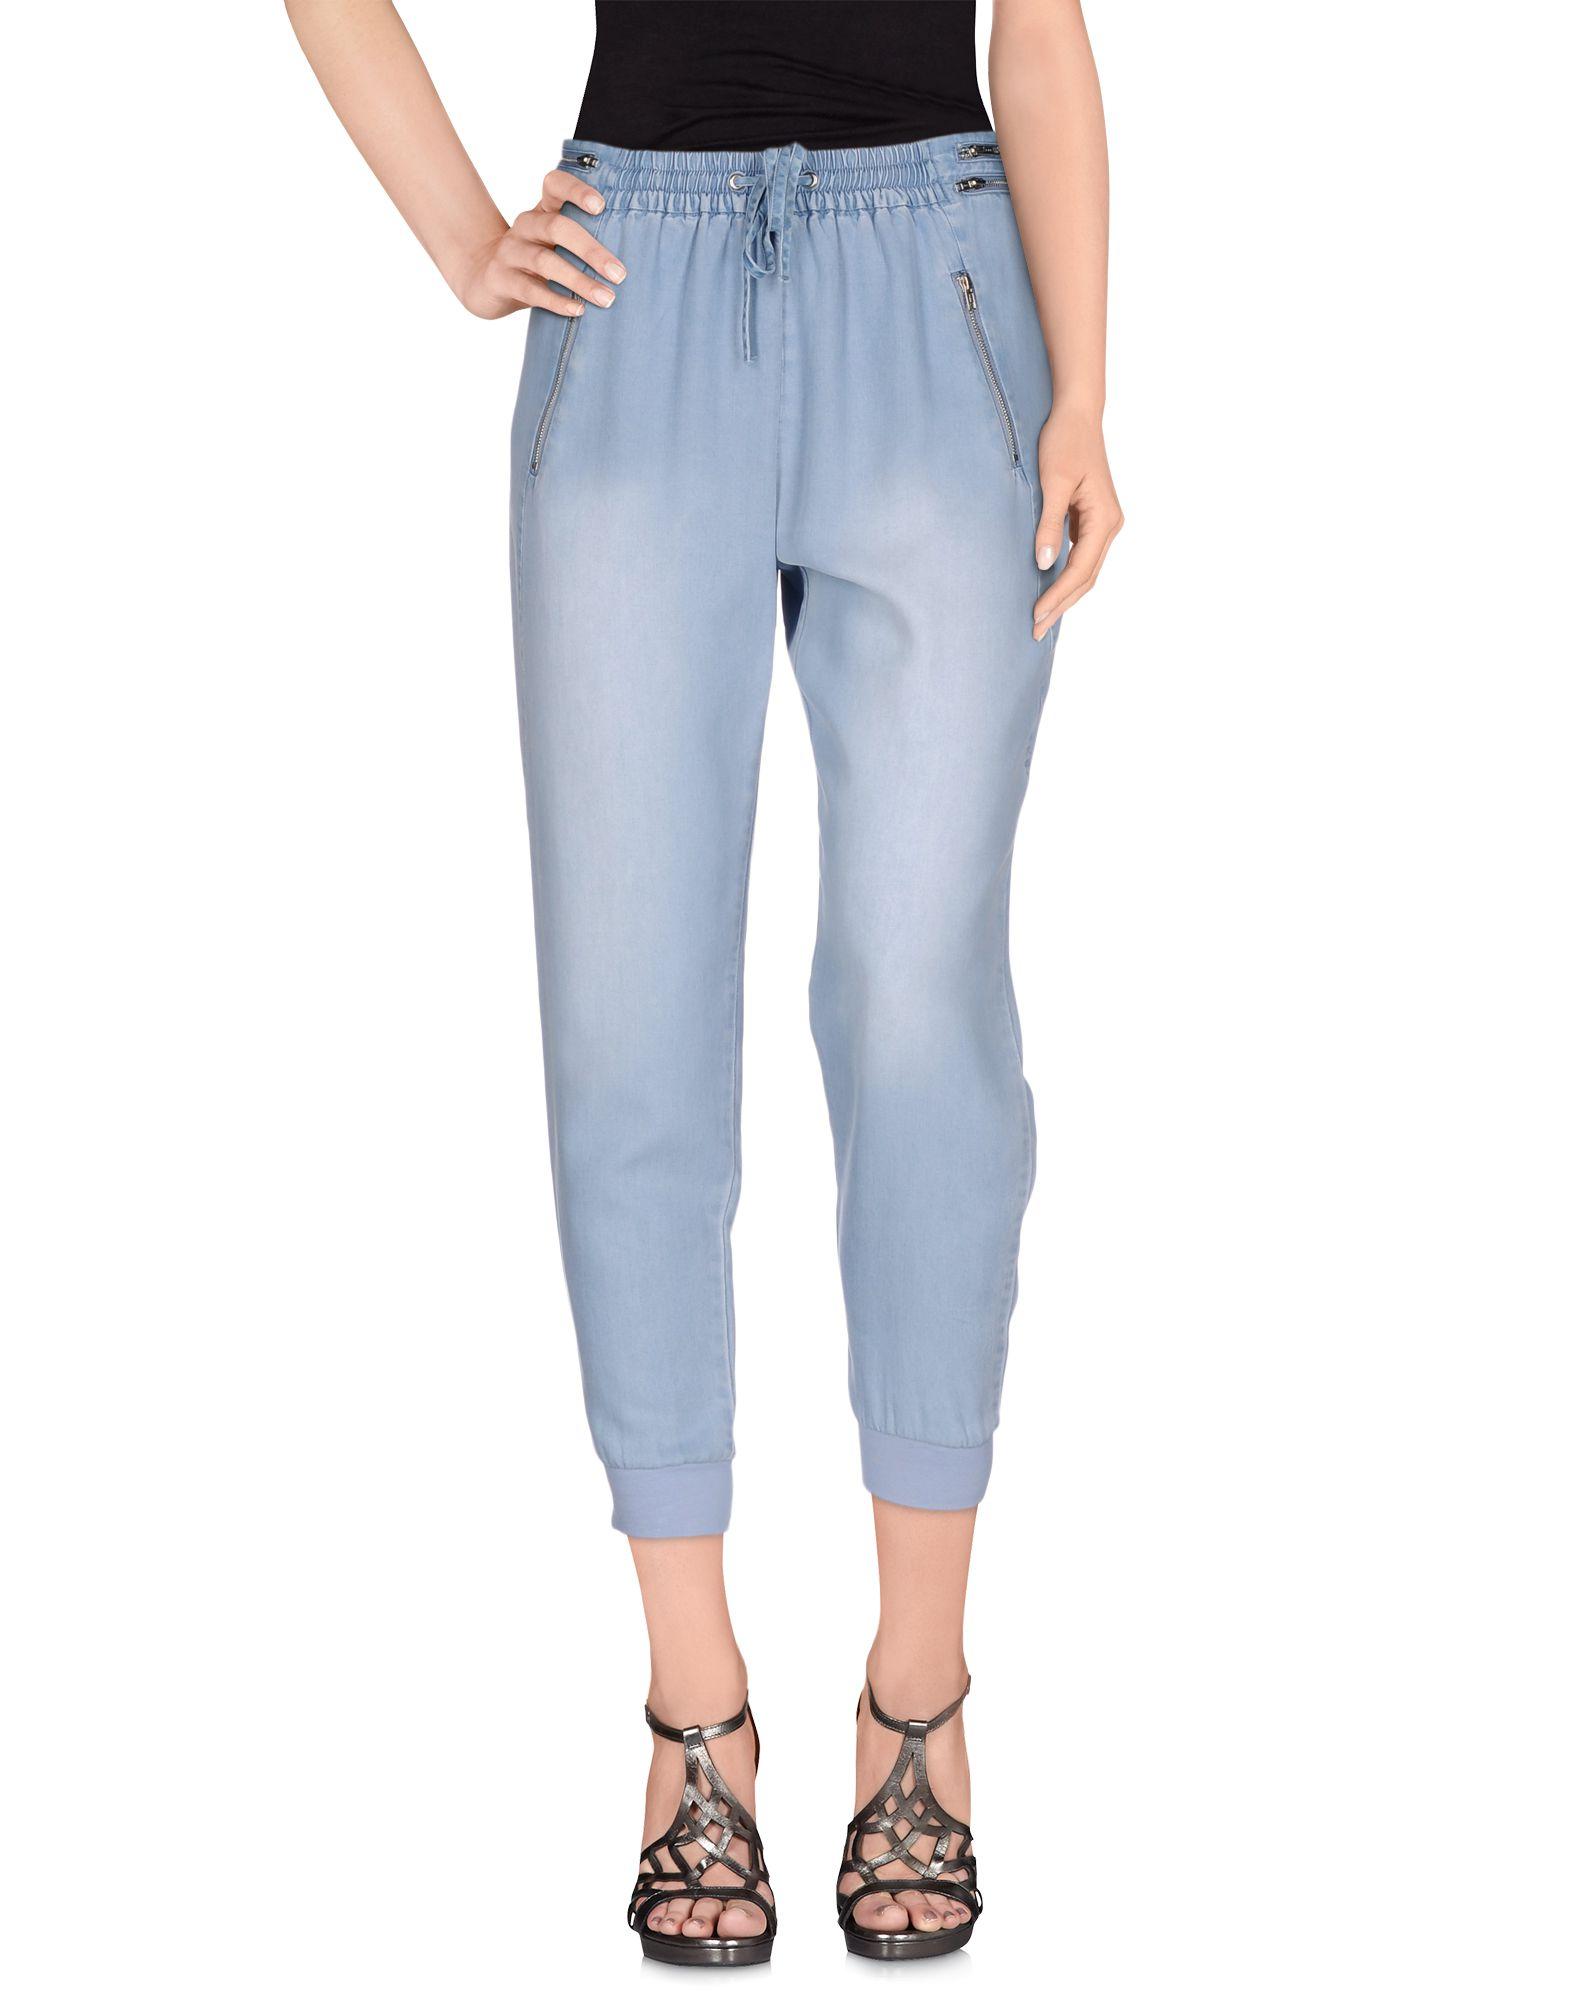 BLACK ORCHID Джинсовые брюки-капри джинсовые капри женские купить